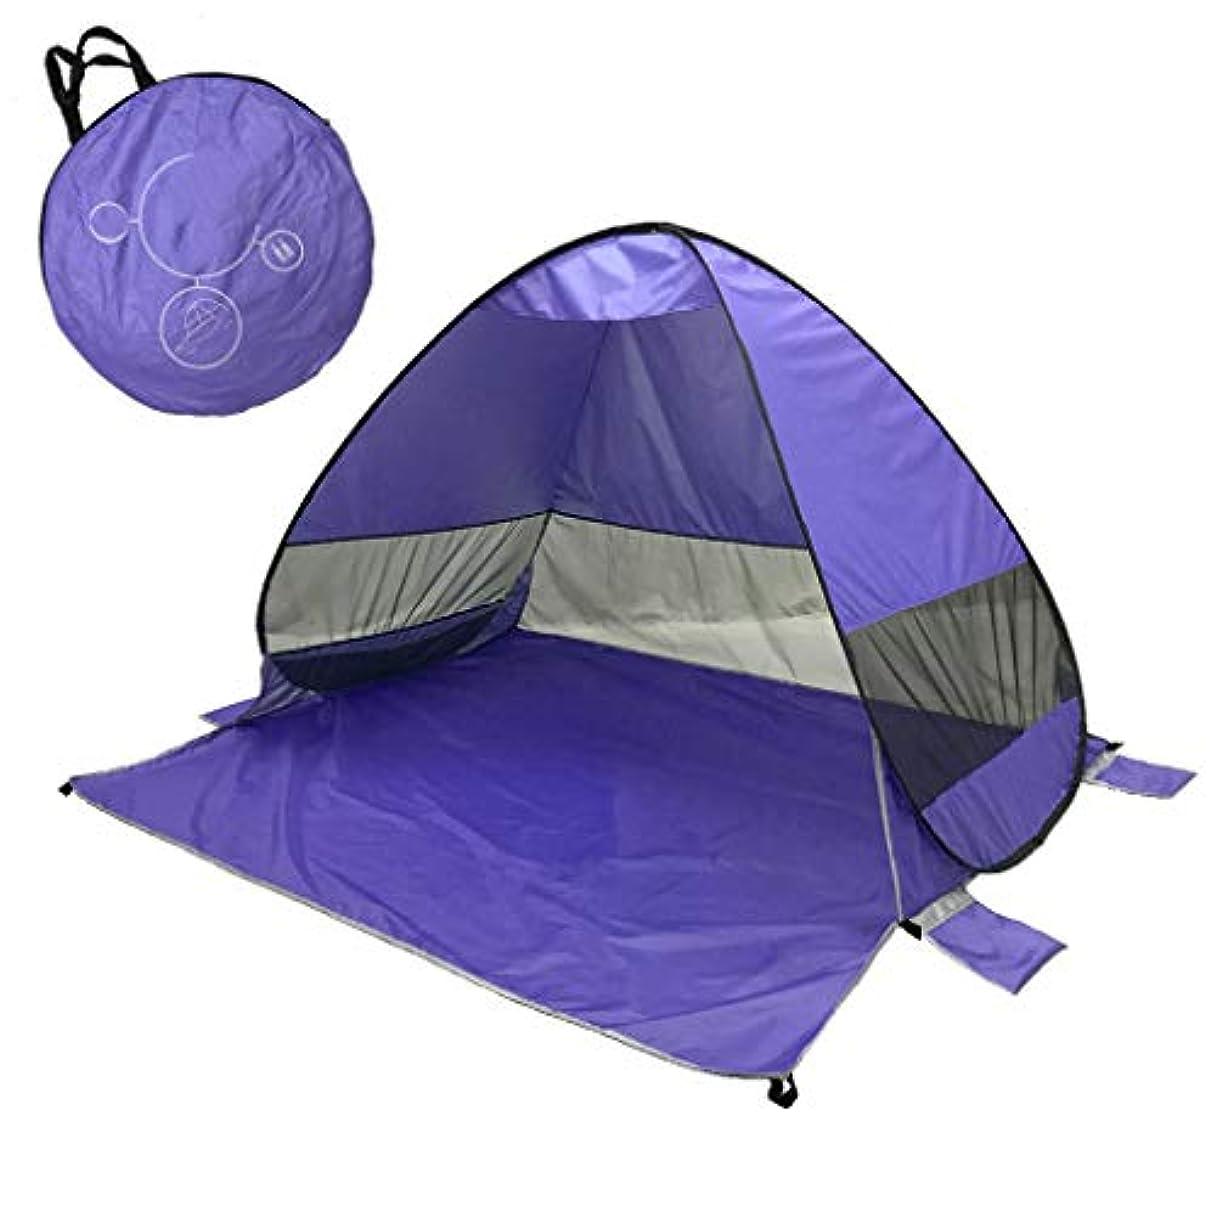 暴徒不格好たとえ家族のためのビーチテントuvポップアップ、赤ちゃんのための軽量キャンプ屋外防水庭釣りピクニックインスタント自動オーニングテント180×150×100センチ超軽量,Purple